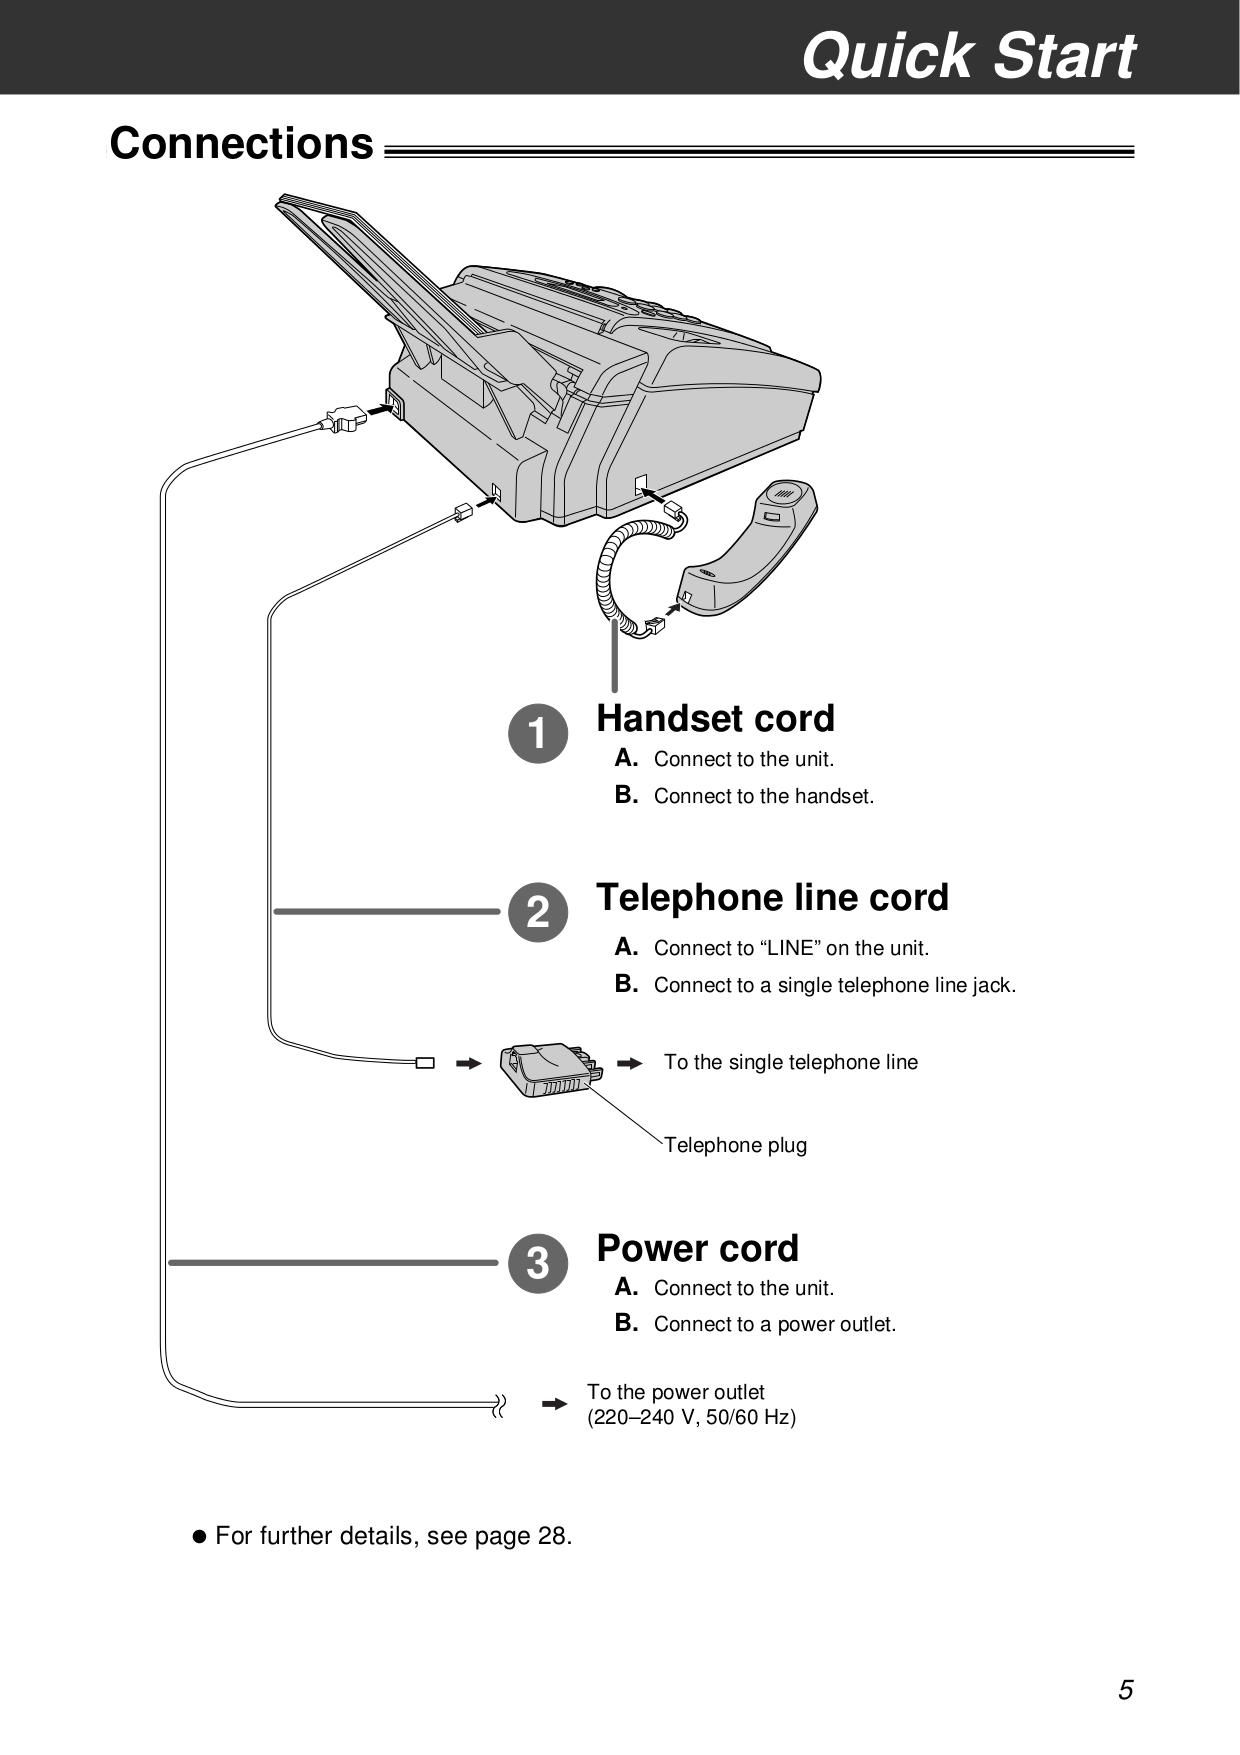 pdf manual for panasonic fax machine kx fp121 rh umlib com Panasonic Kx Fl511 Manual Panasonic Kx Fl511 Manual